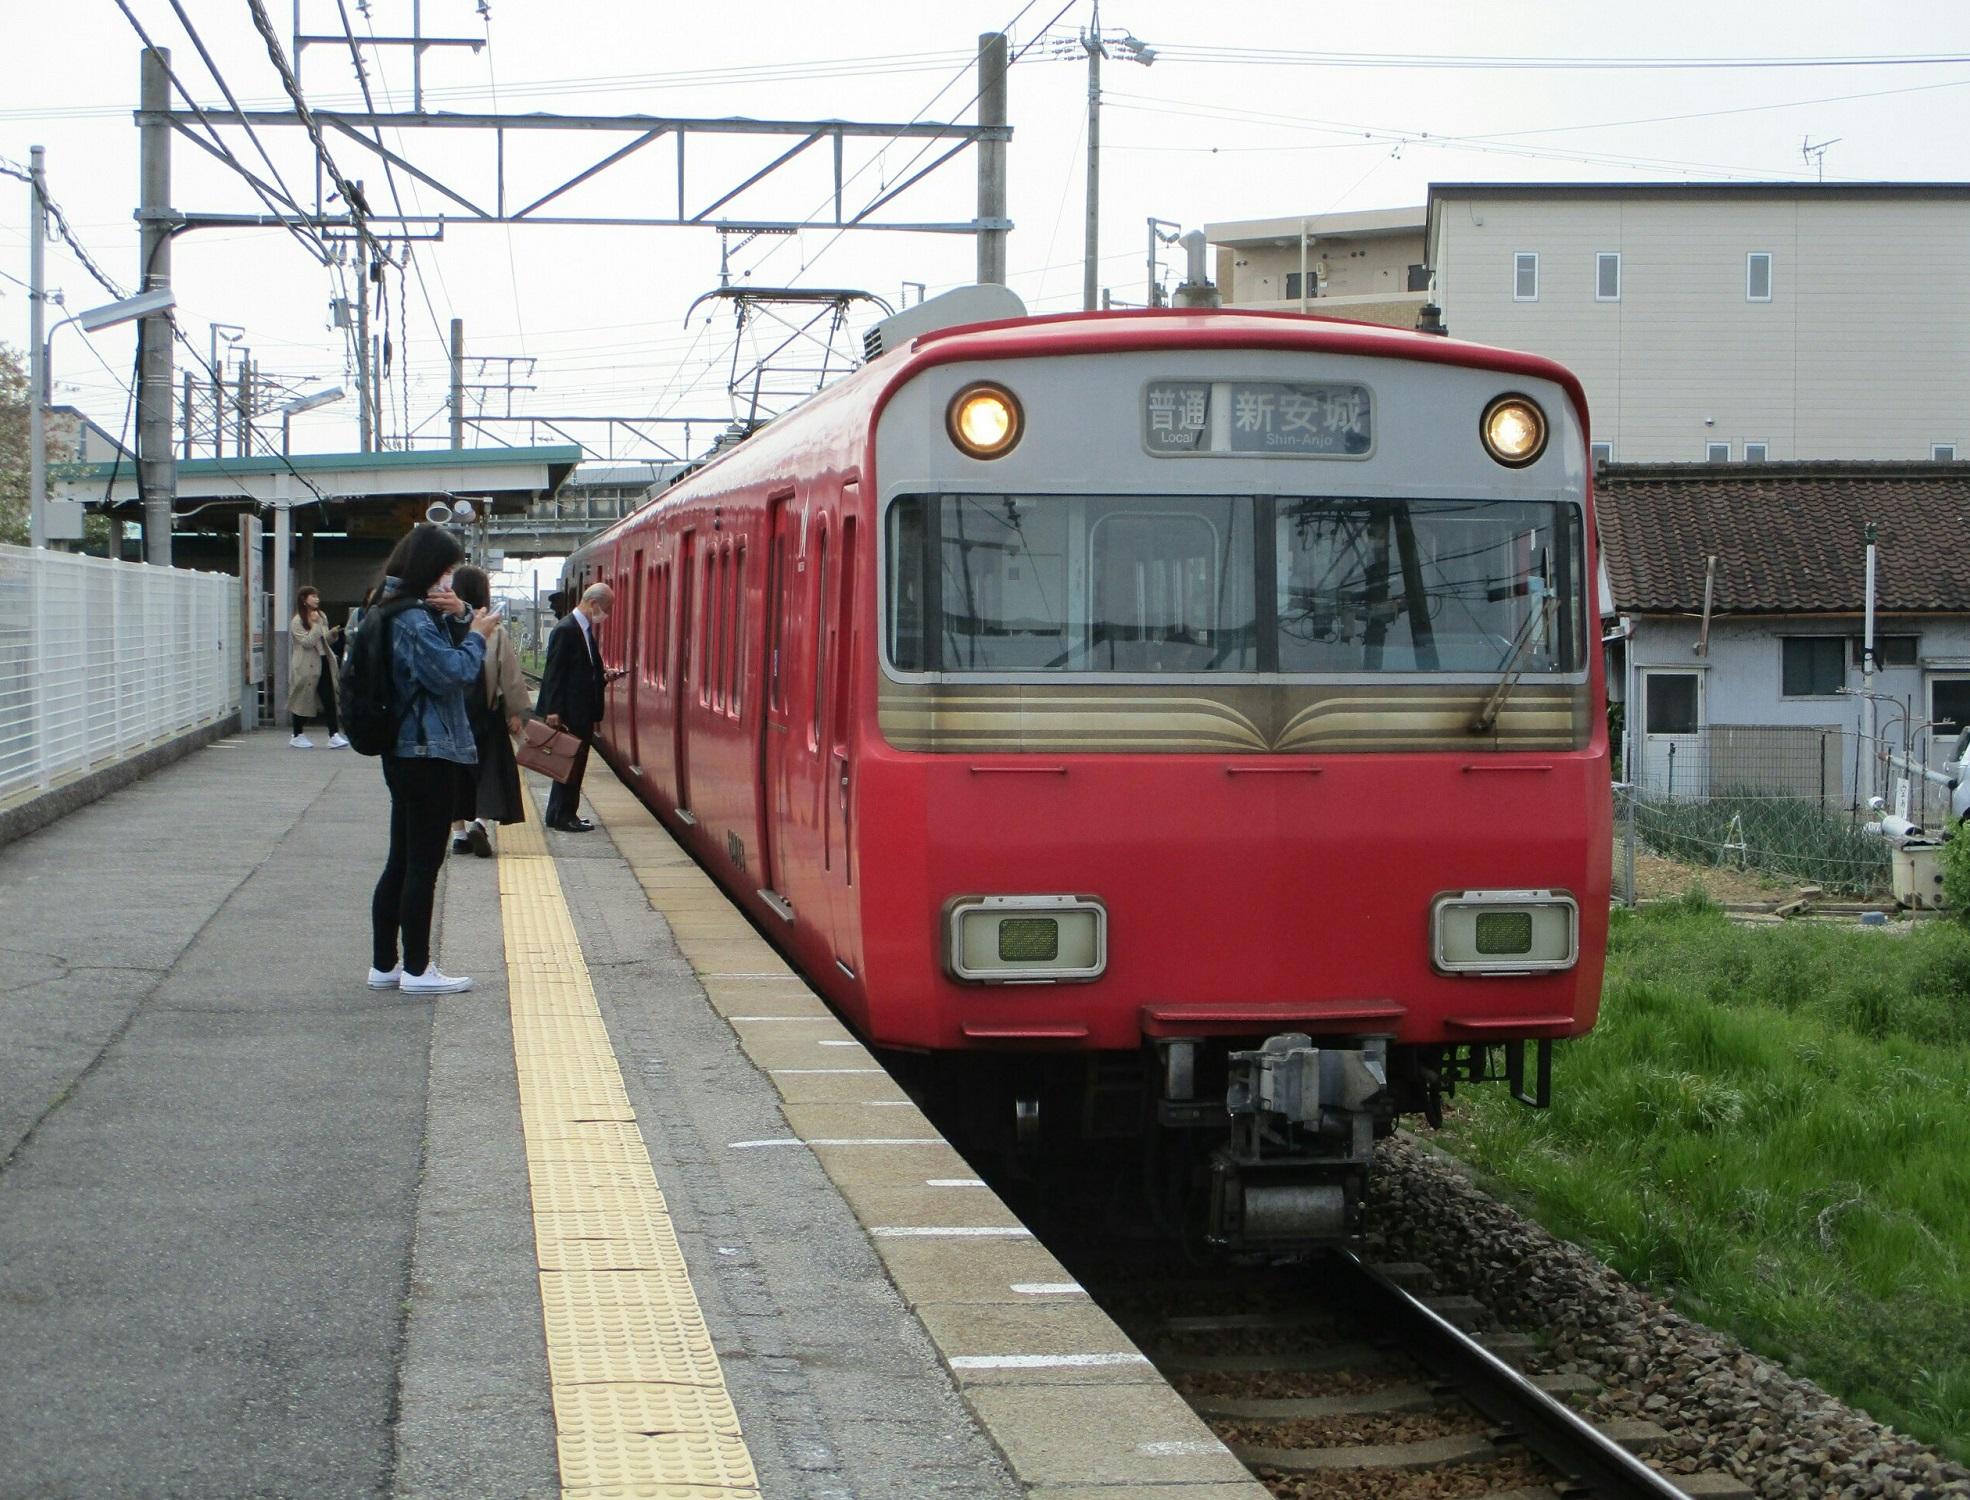 2019.4.19 (1) ふるい - しんあんじょういきふつう 1970-1500